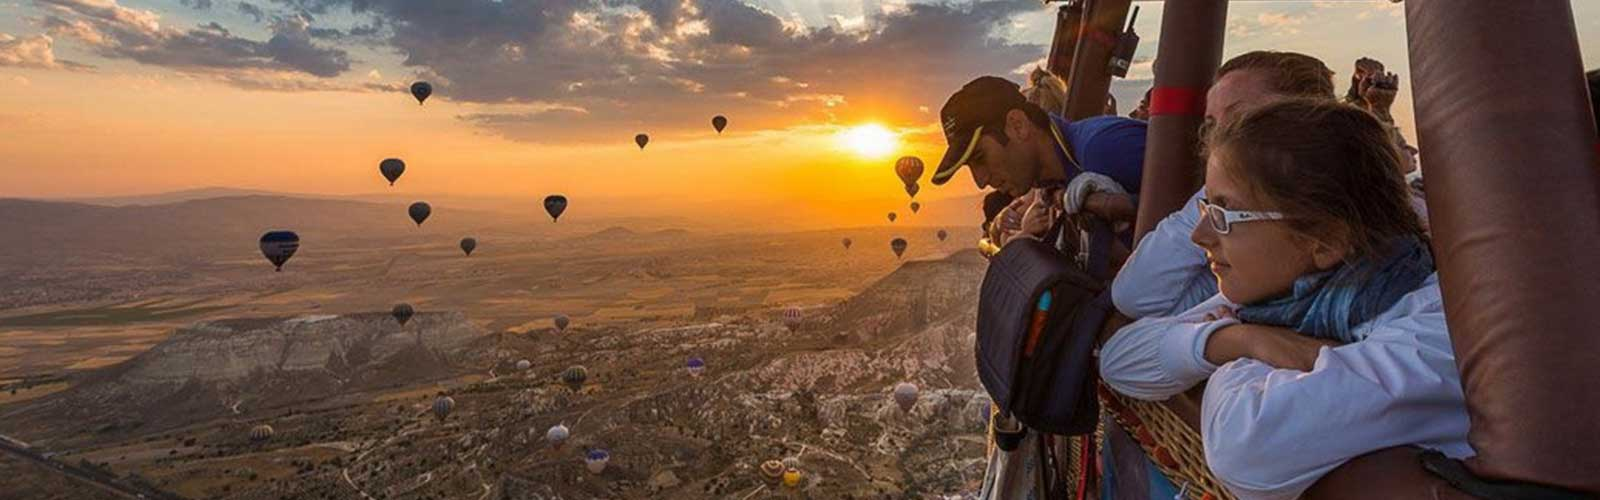 Cappadocia Balloon Family with Kids